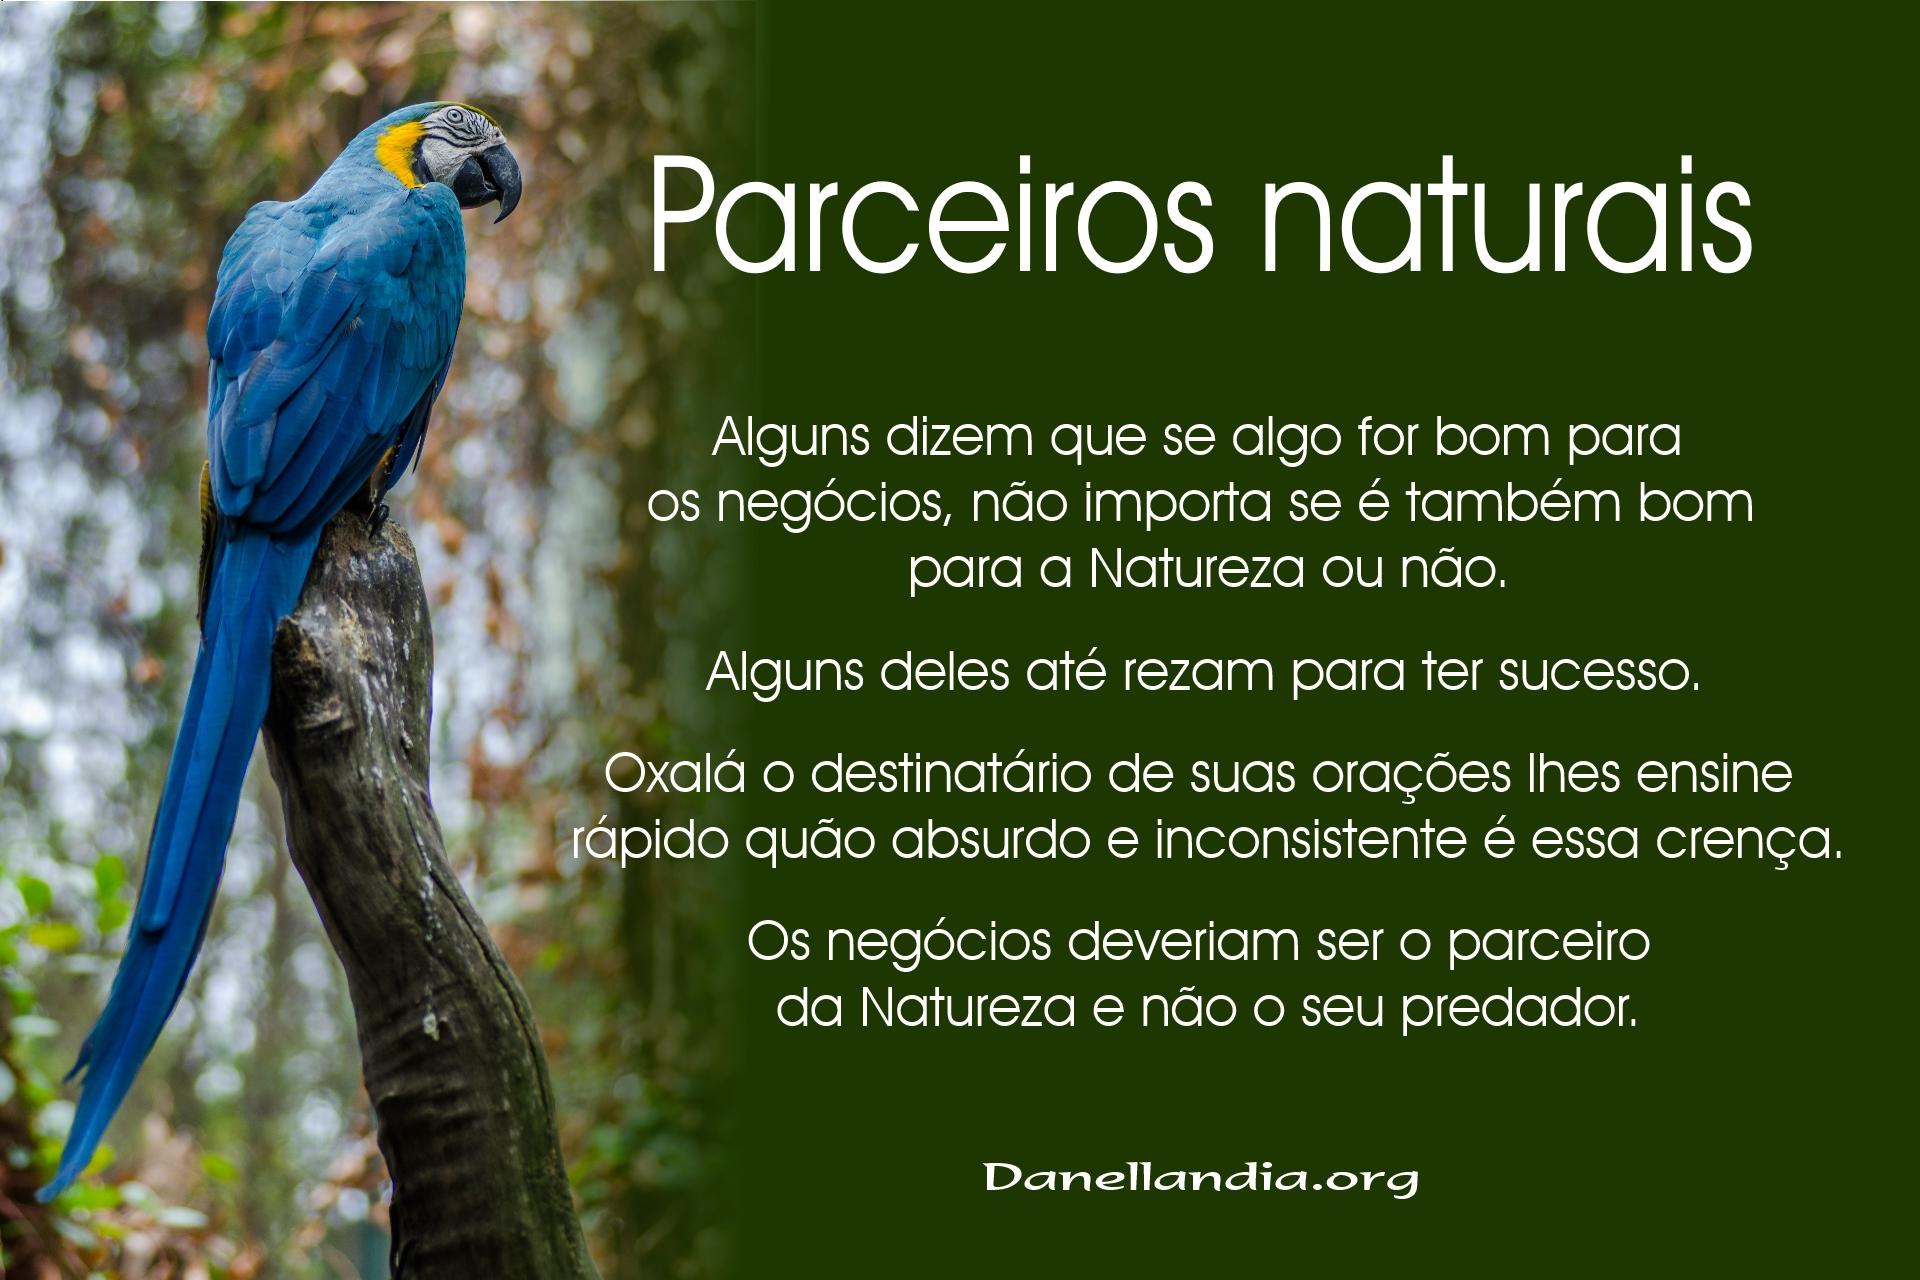 Parceiros naturais